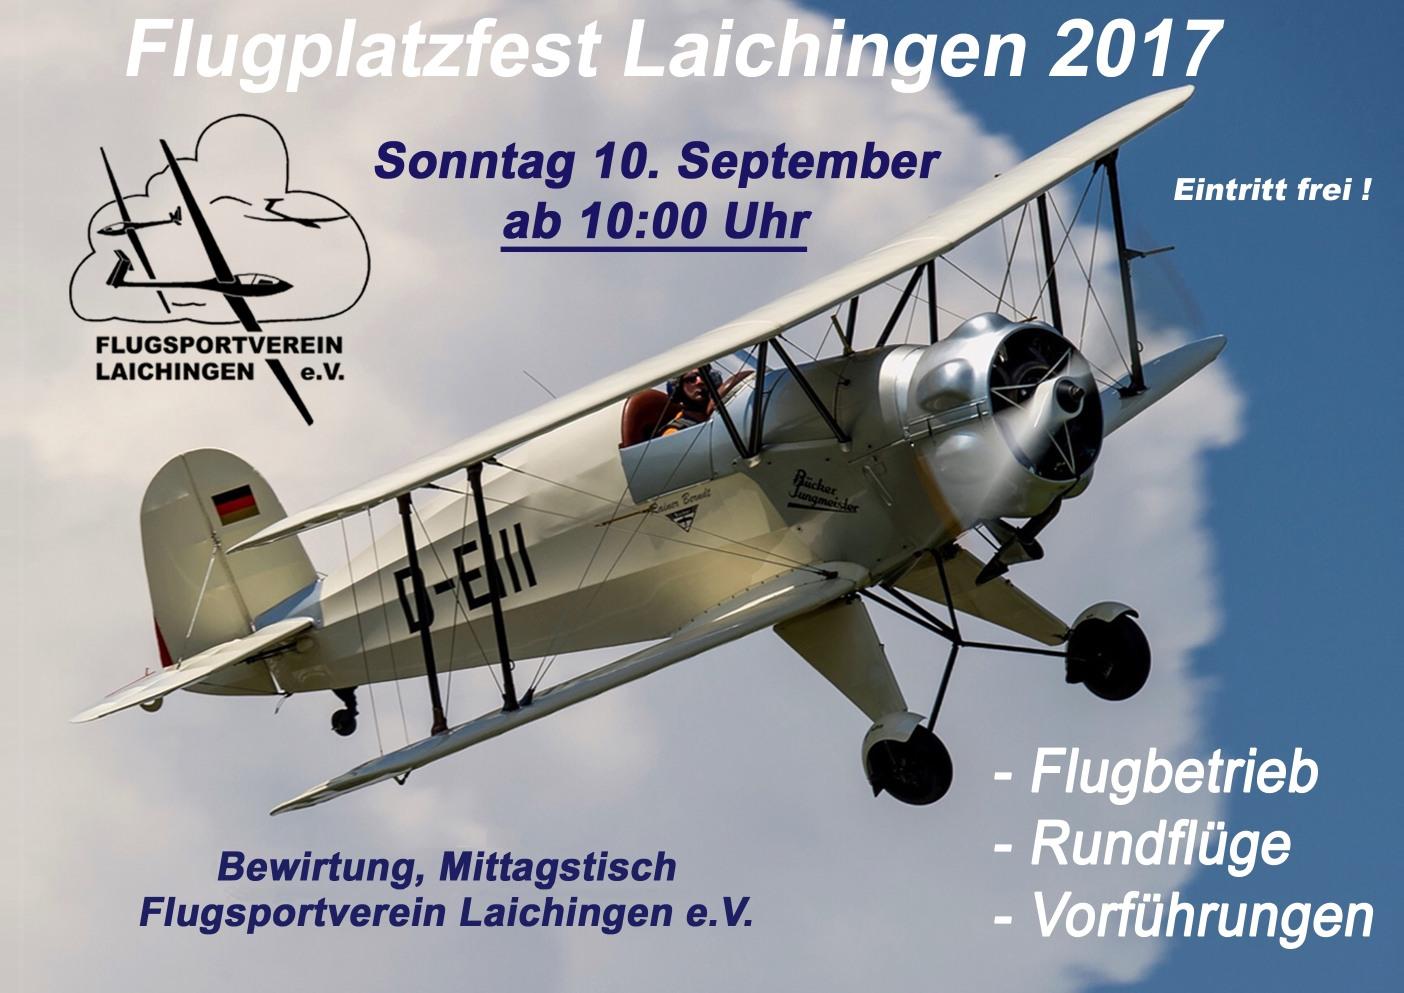 Flugplatzfest Laichingen 2017